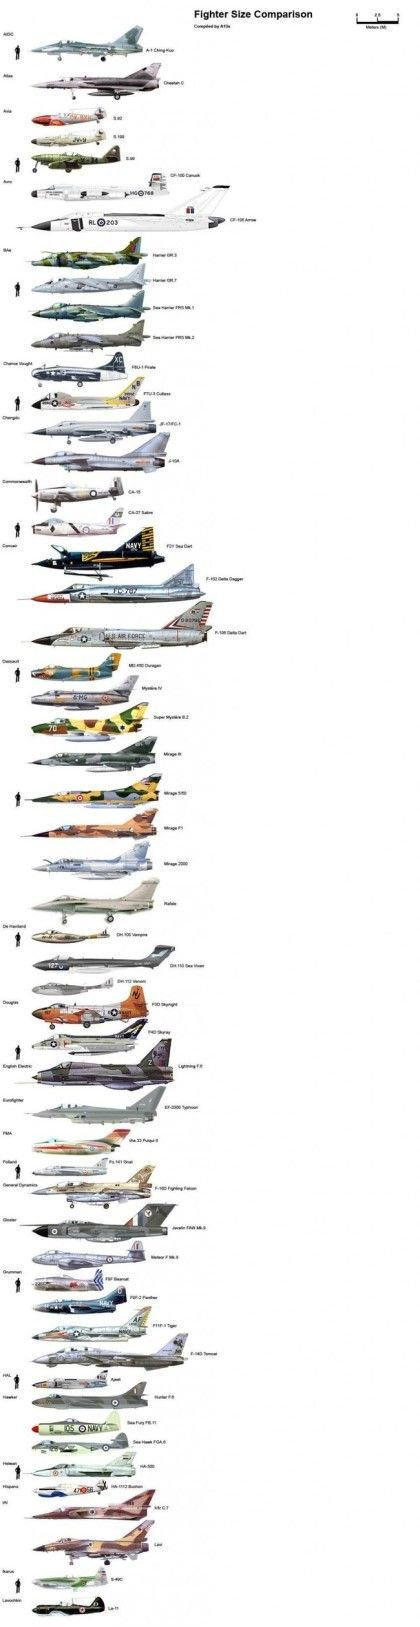 전차,전투기,군함 크기 비교 | Daum 루리웹